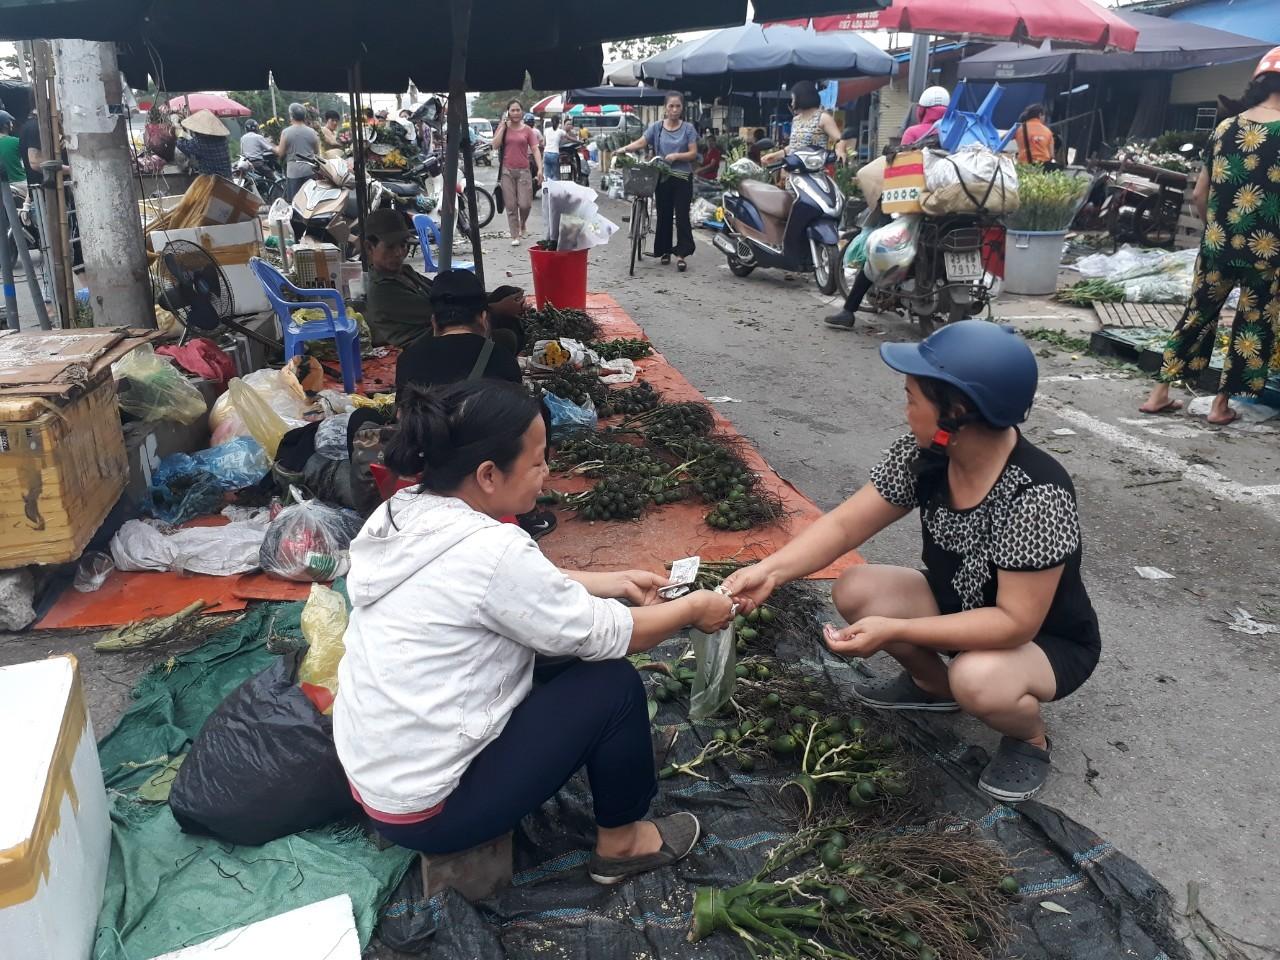 Bà nội trợ Hà Nội lên kế hoạch mua thực phẩm ăn Tết 4 ngày chỉ 2 triệu đồng vì tự làm từ A-Z - Ảnh 1.